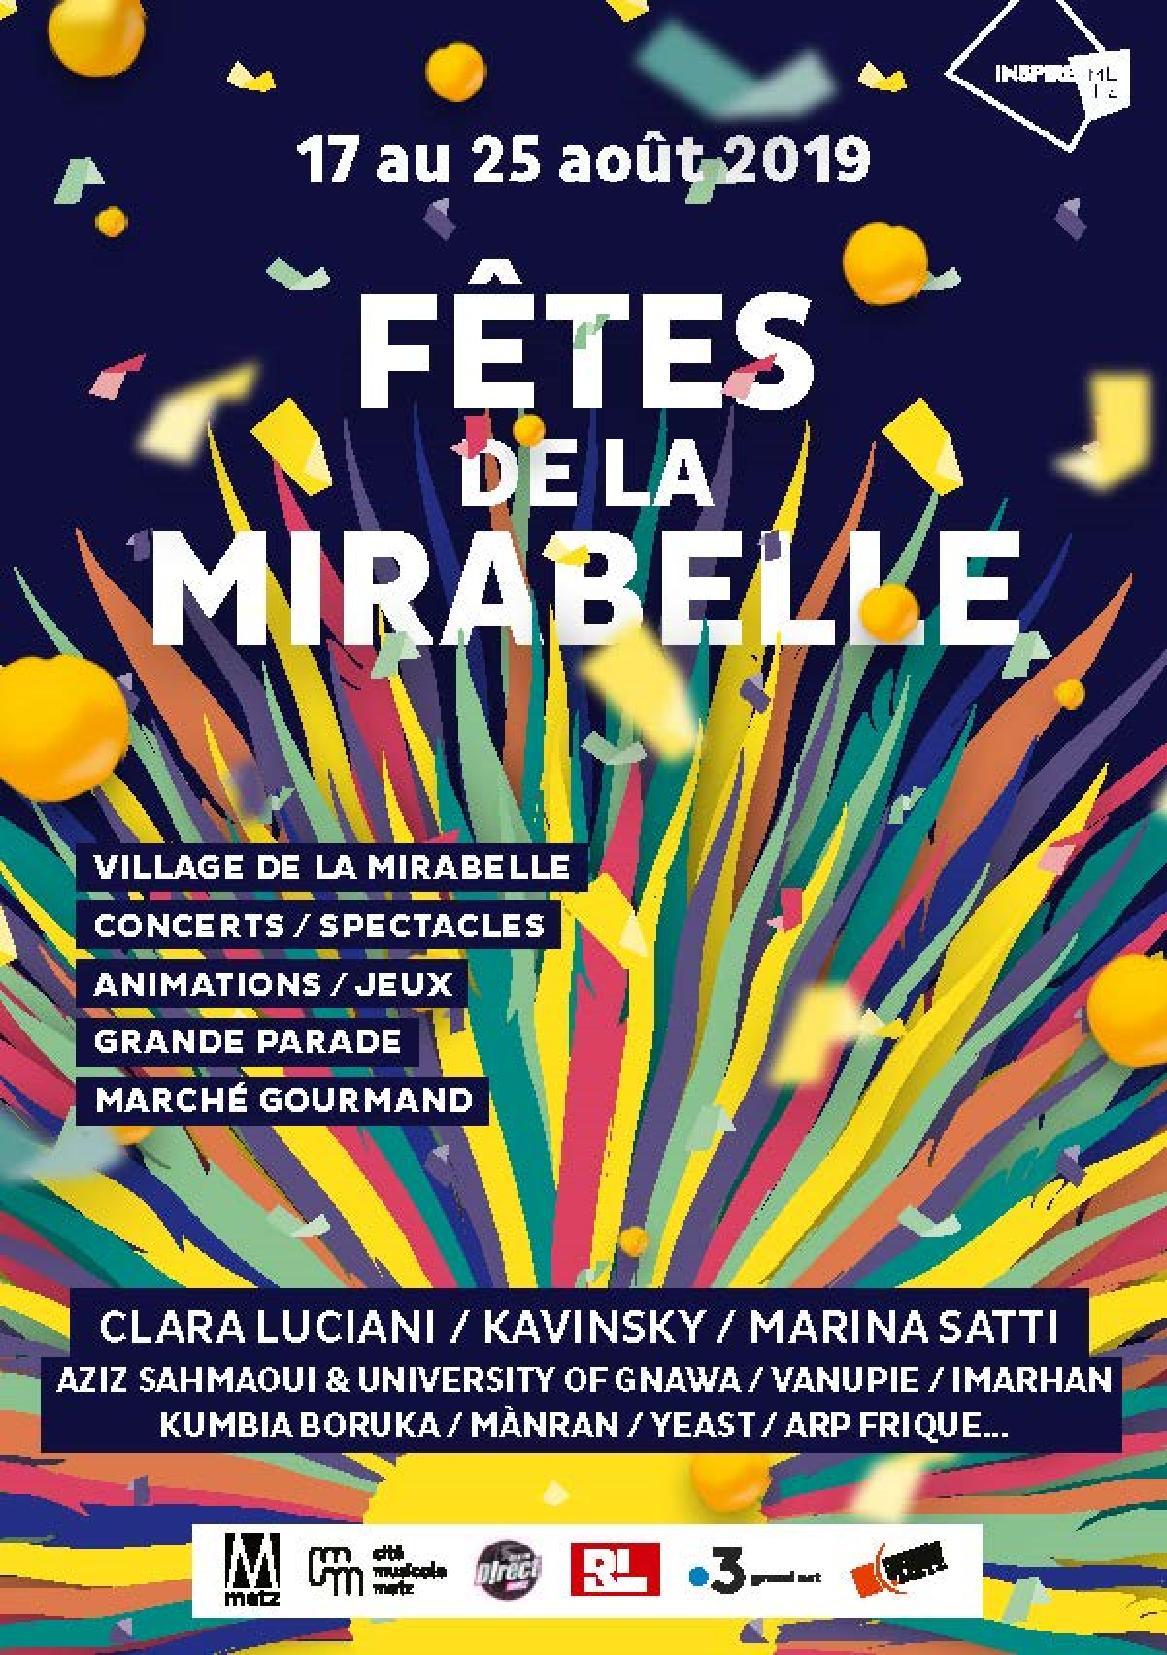 Fête de la Mirabelle Metz 2019